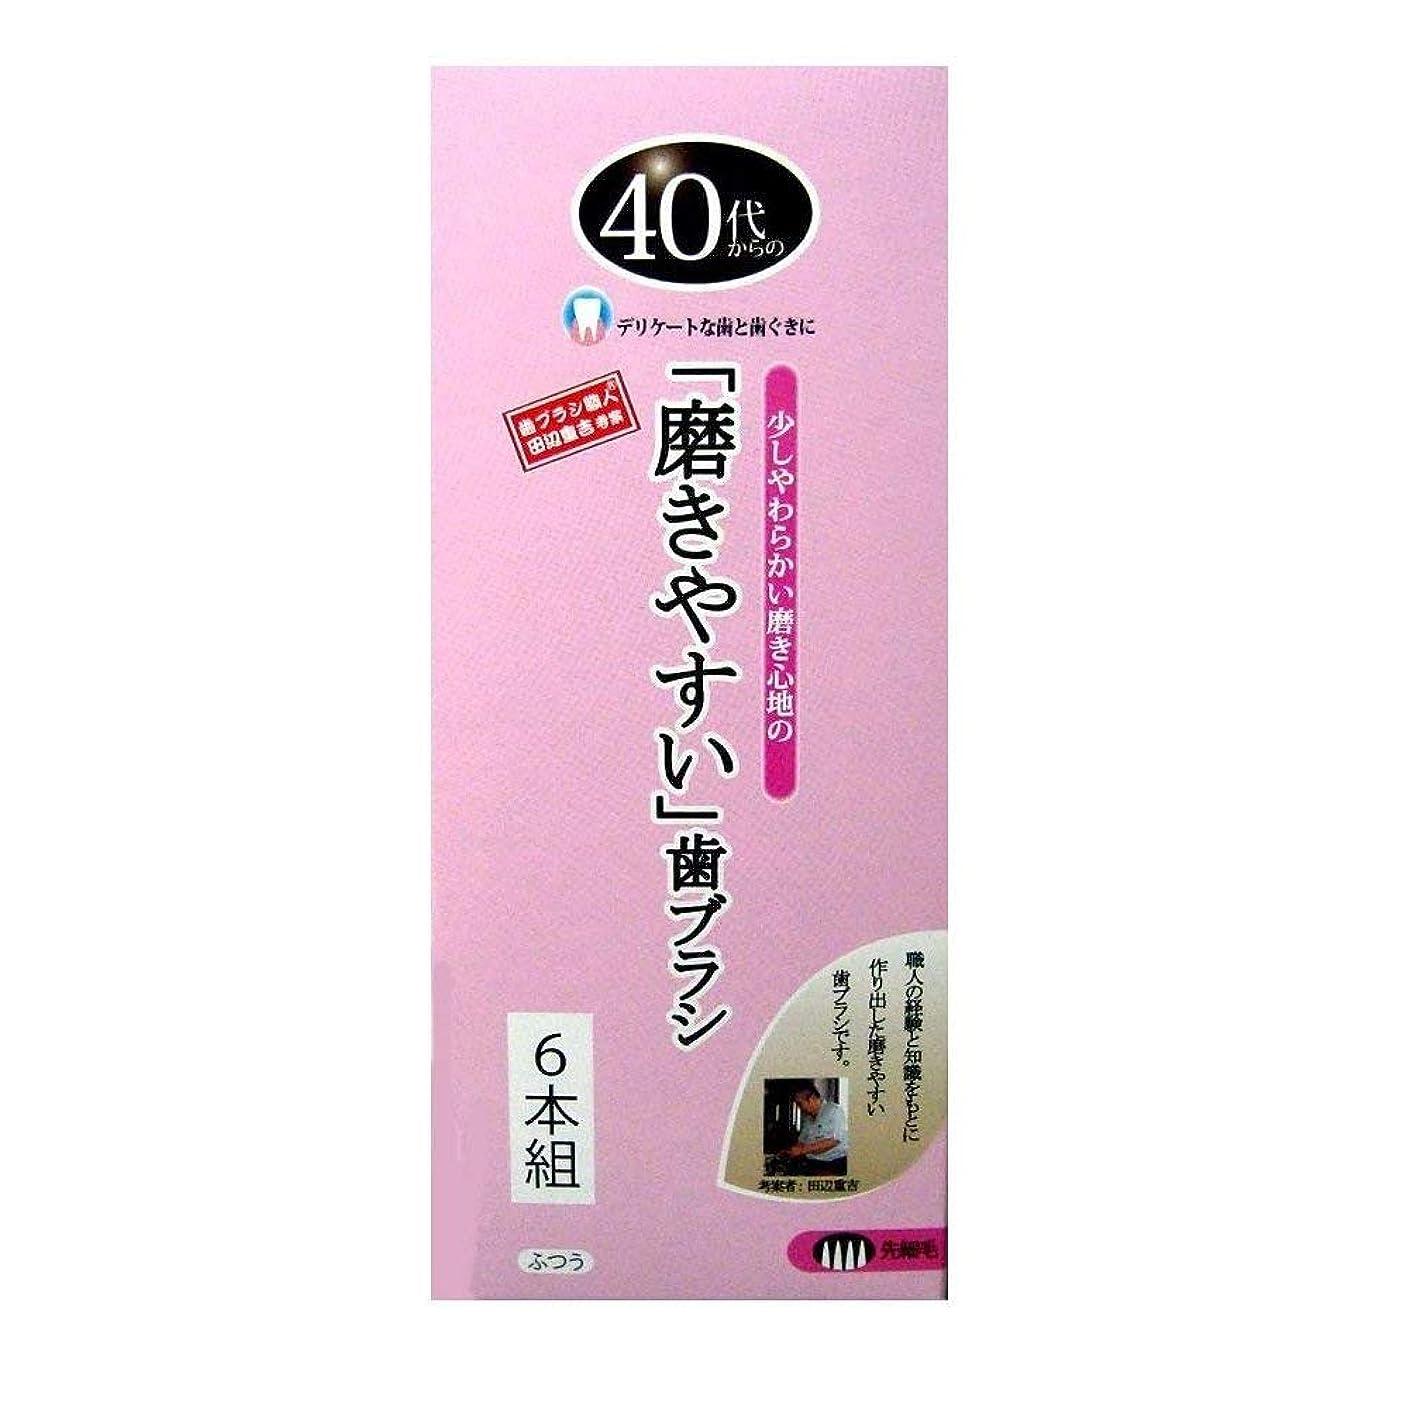 確かに管理するライオン歯ブラシ職人 Artooth ? 田辺重吉の磨きやすい 40代からの歯ブラシ 歯ぐきにやさしい 細めの毛 先細毛 日本製 6本セットLT-15-6